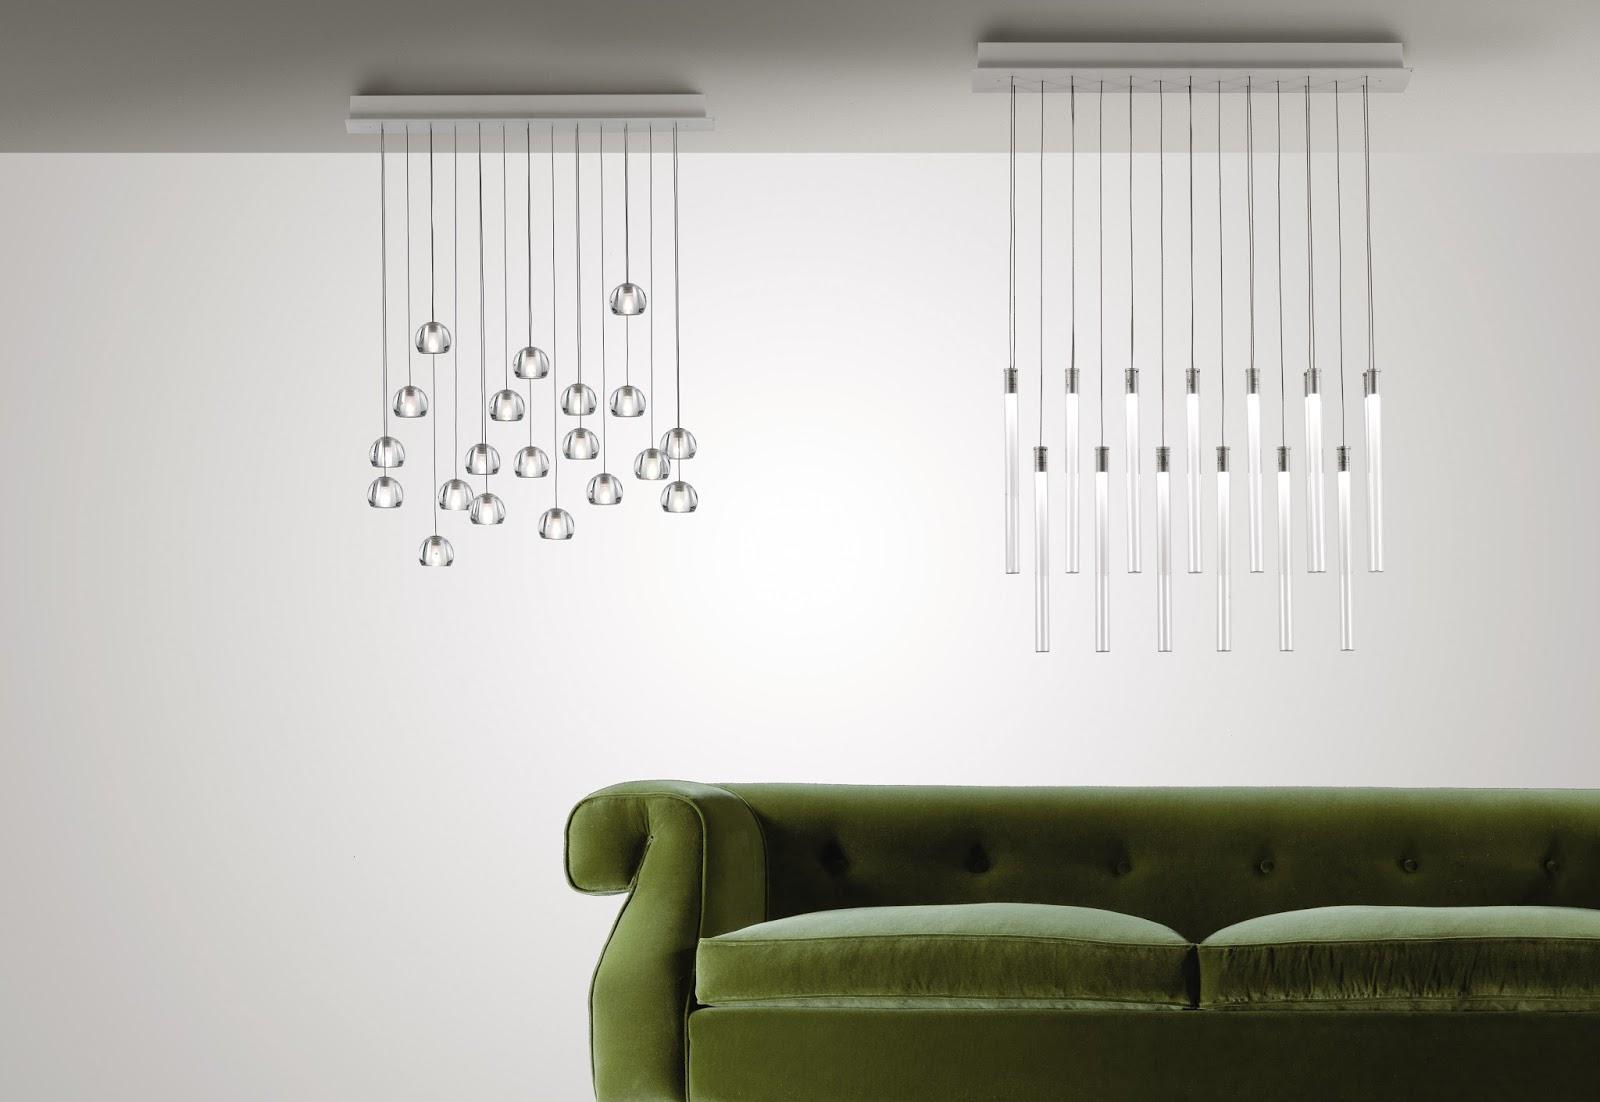 lampadari moderni bagno : Lampadari Moderni Bagno Prezzi : Lampadari moderni e di design.